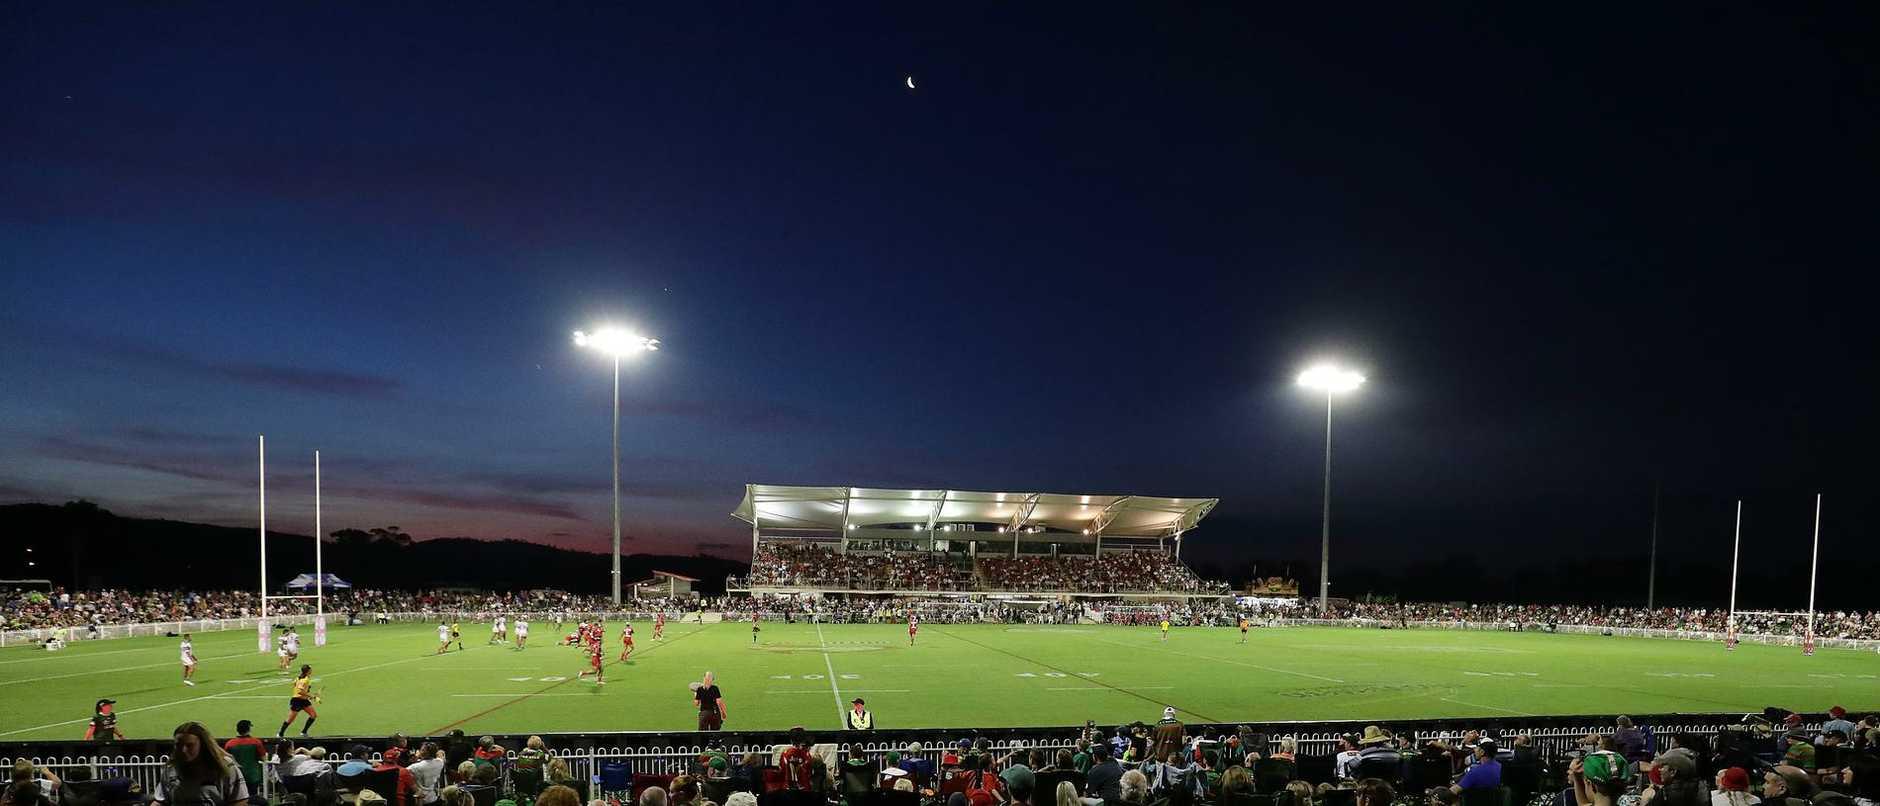 NRL to take six regular season games to regional NSW in 2021